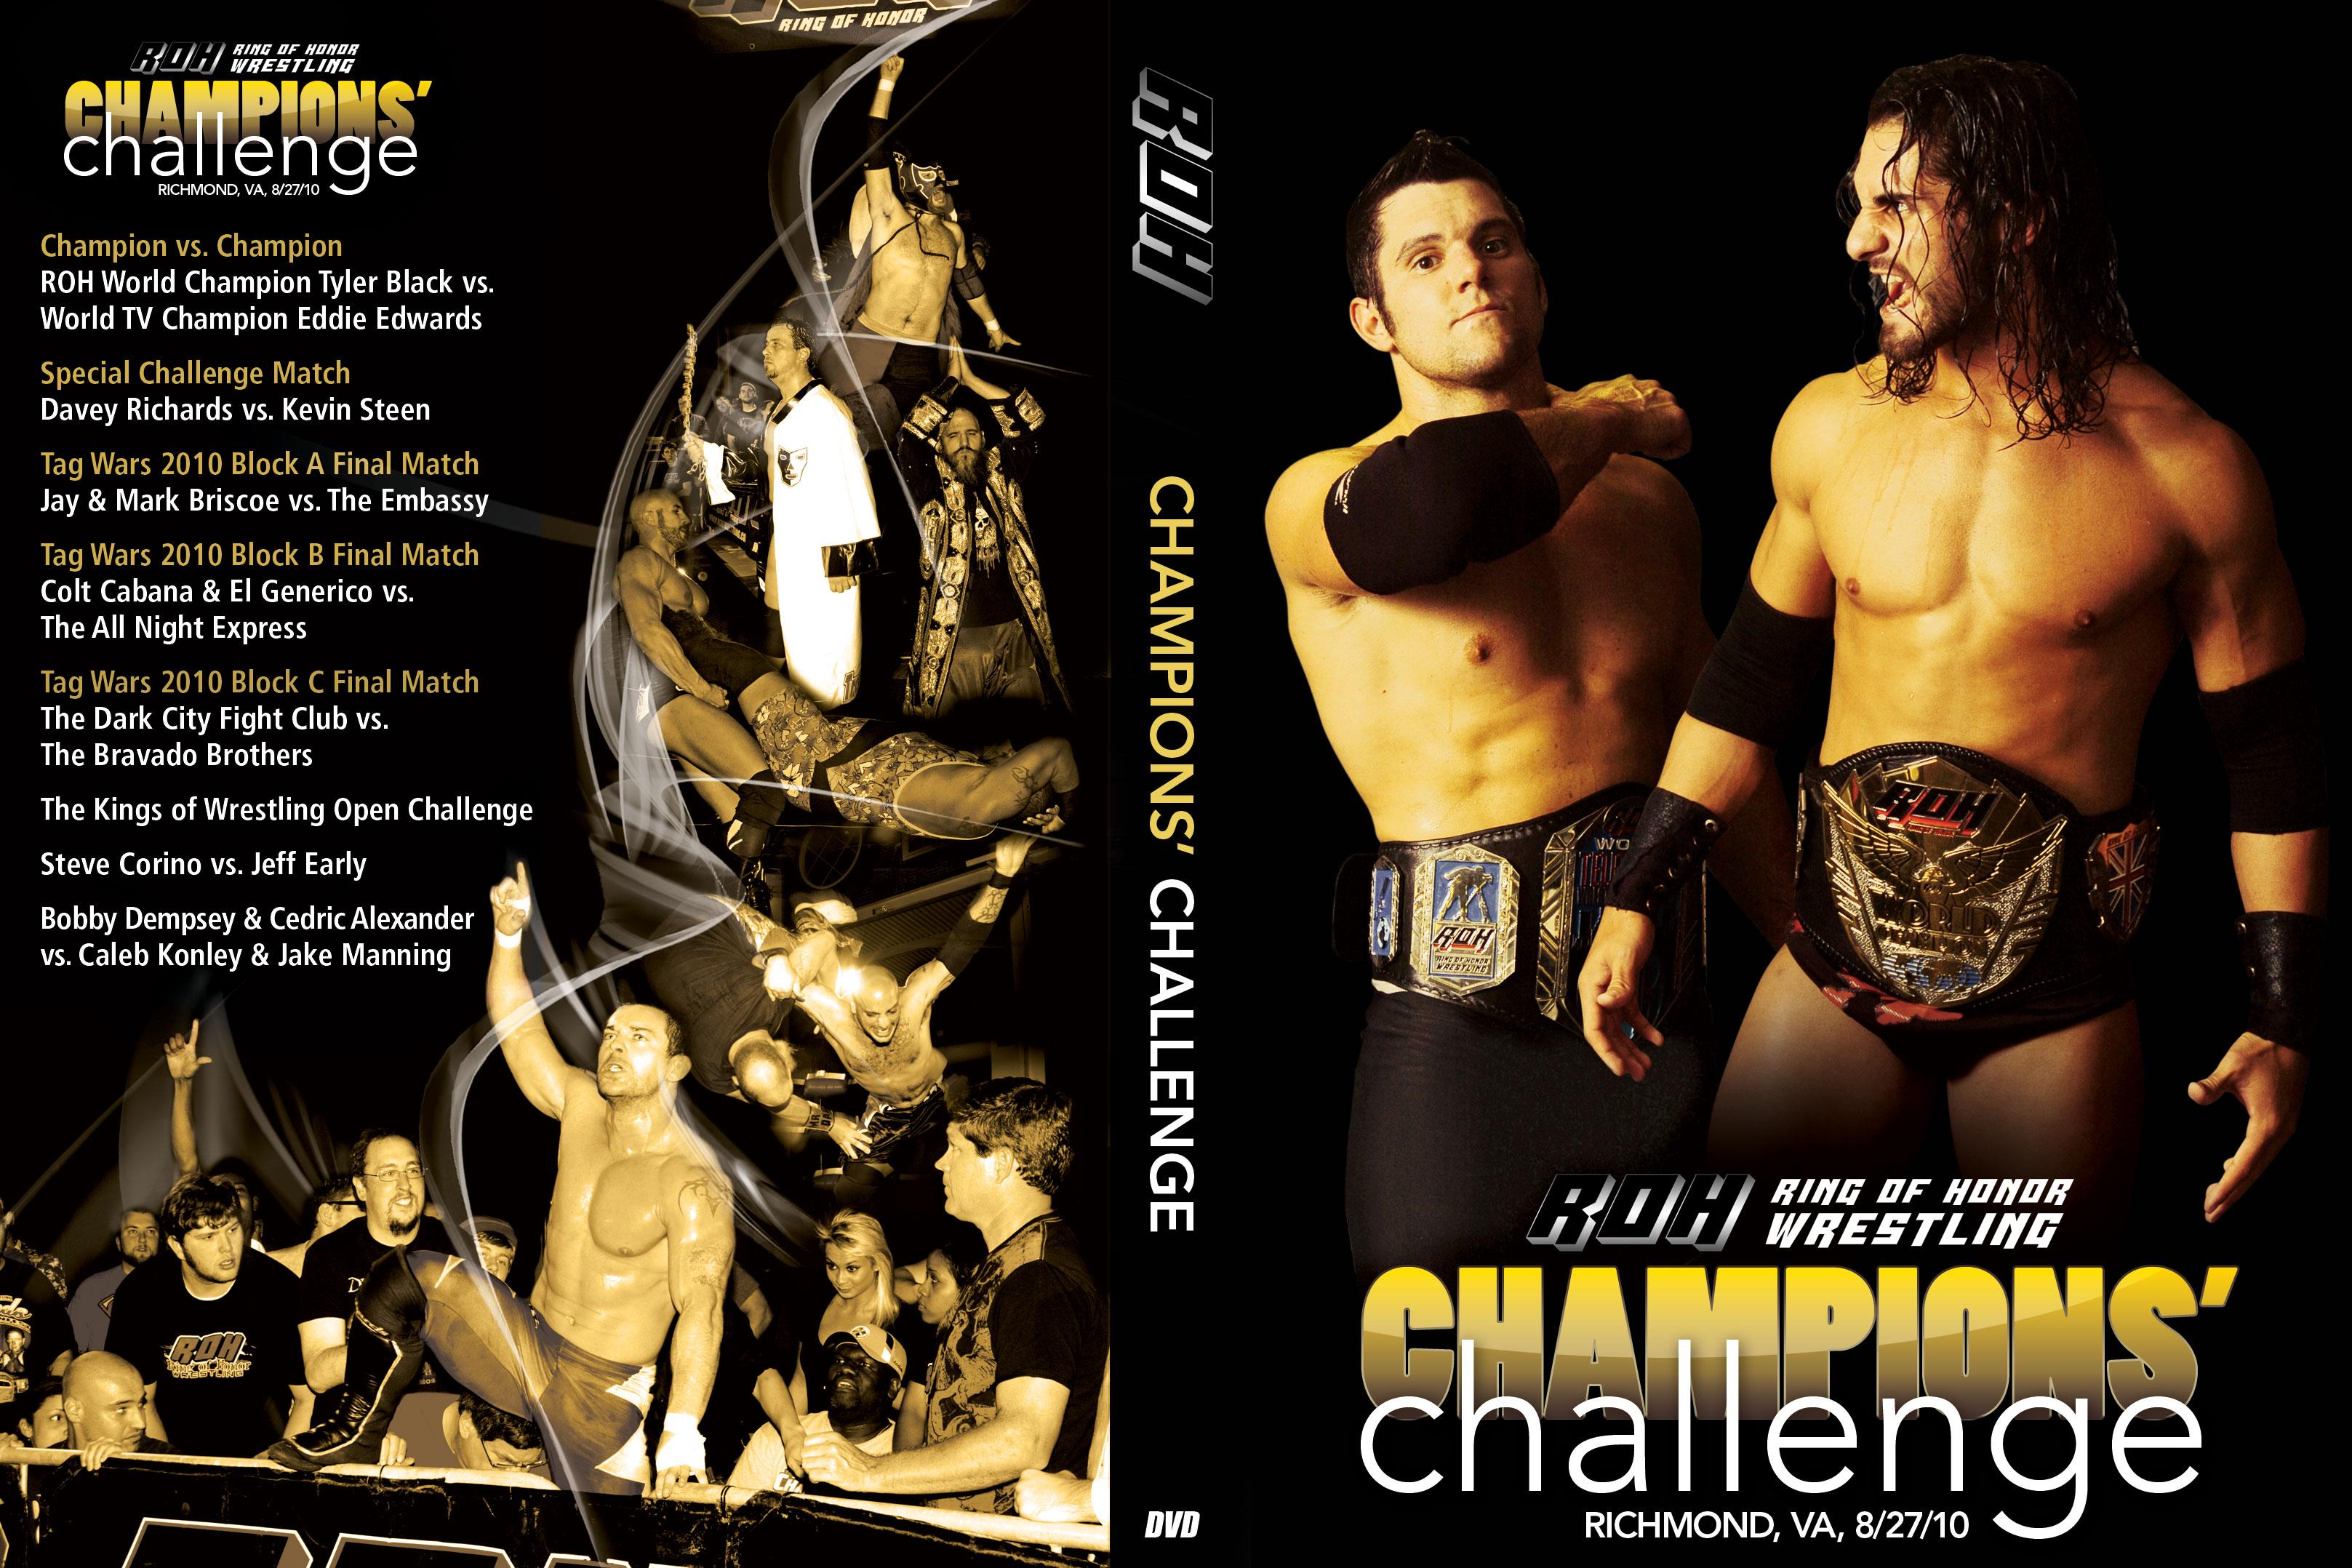 ChampionsChallenge-DVDFinal